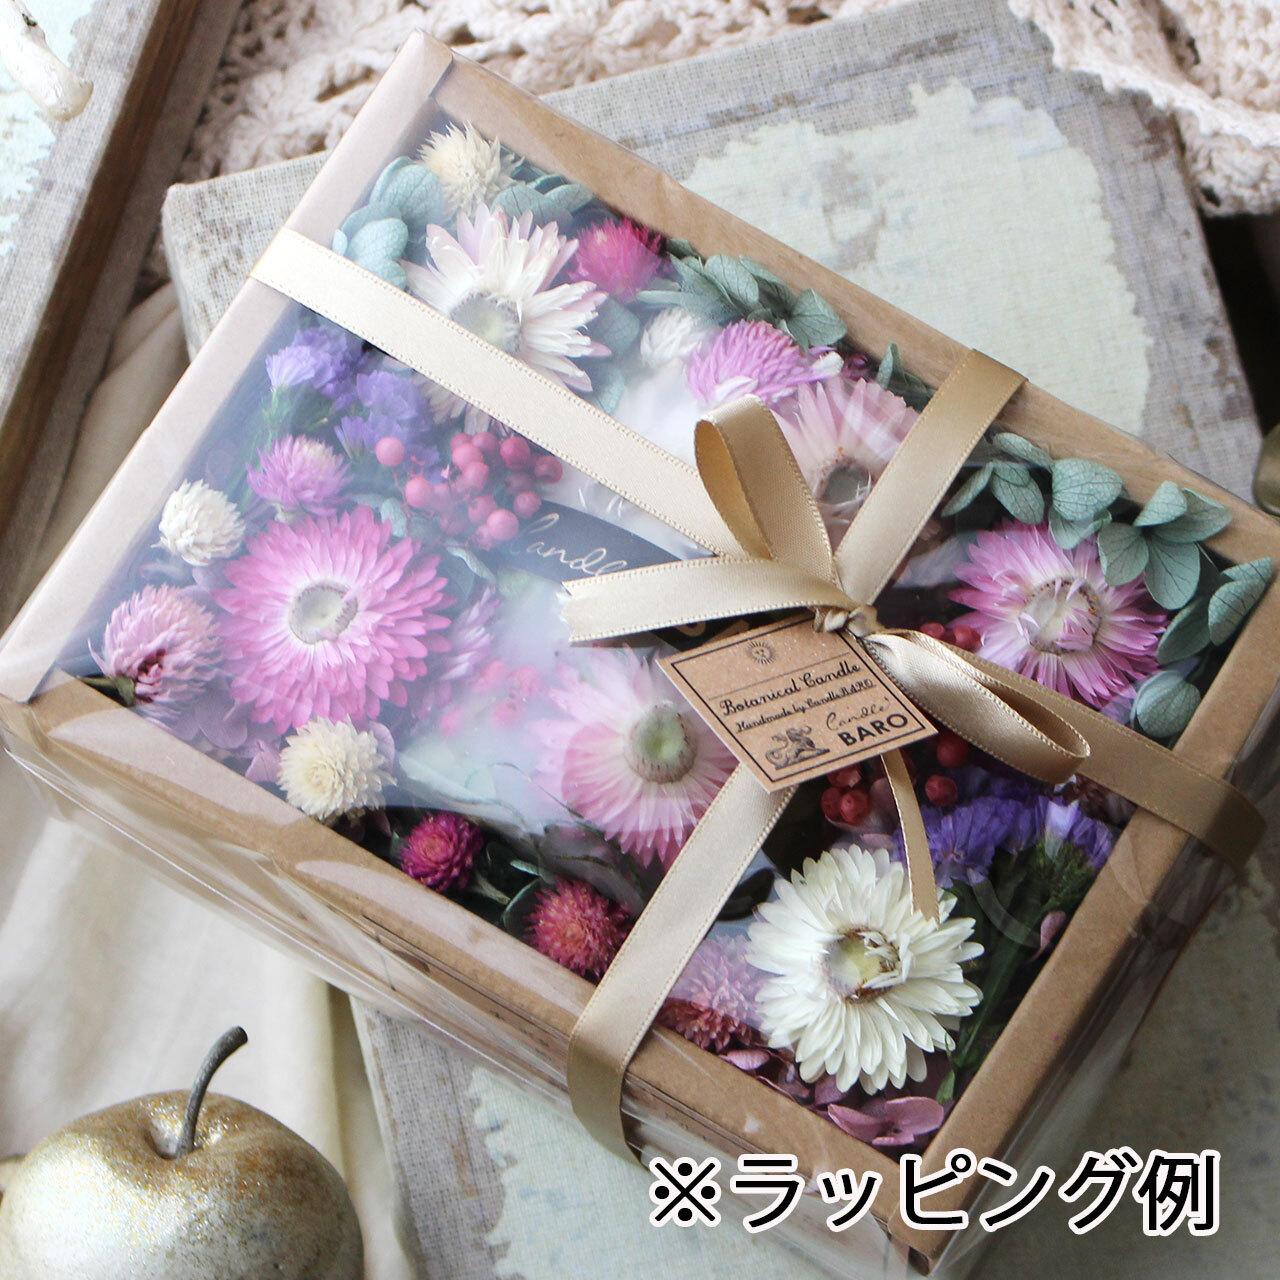 H516 透明ラッピング&紙袋付き☆ボタニカルキャンドルギフト ヘリクリサム